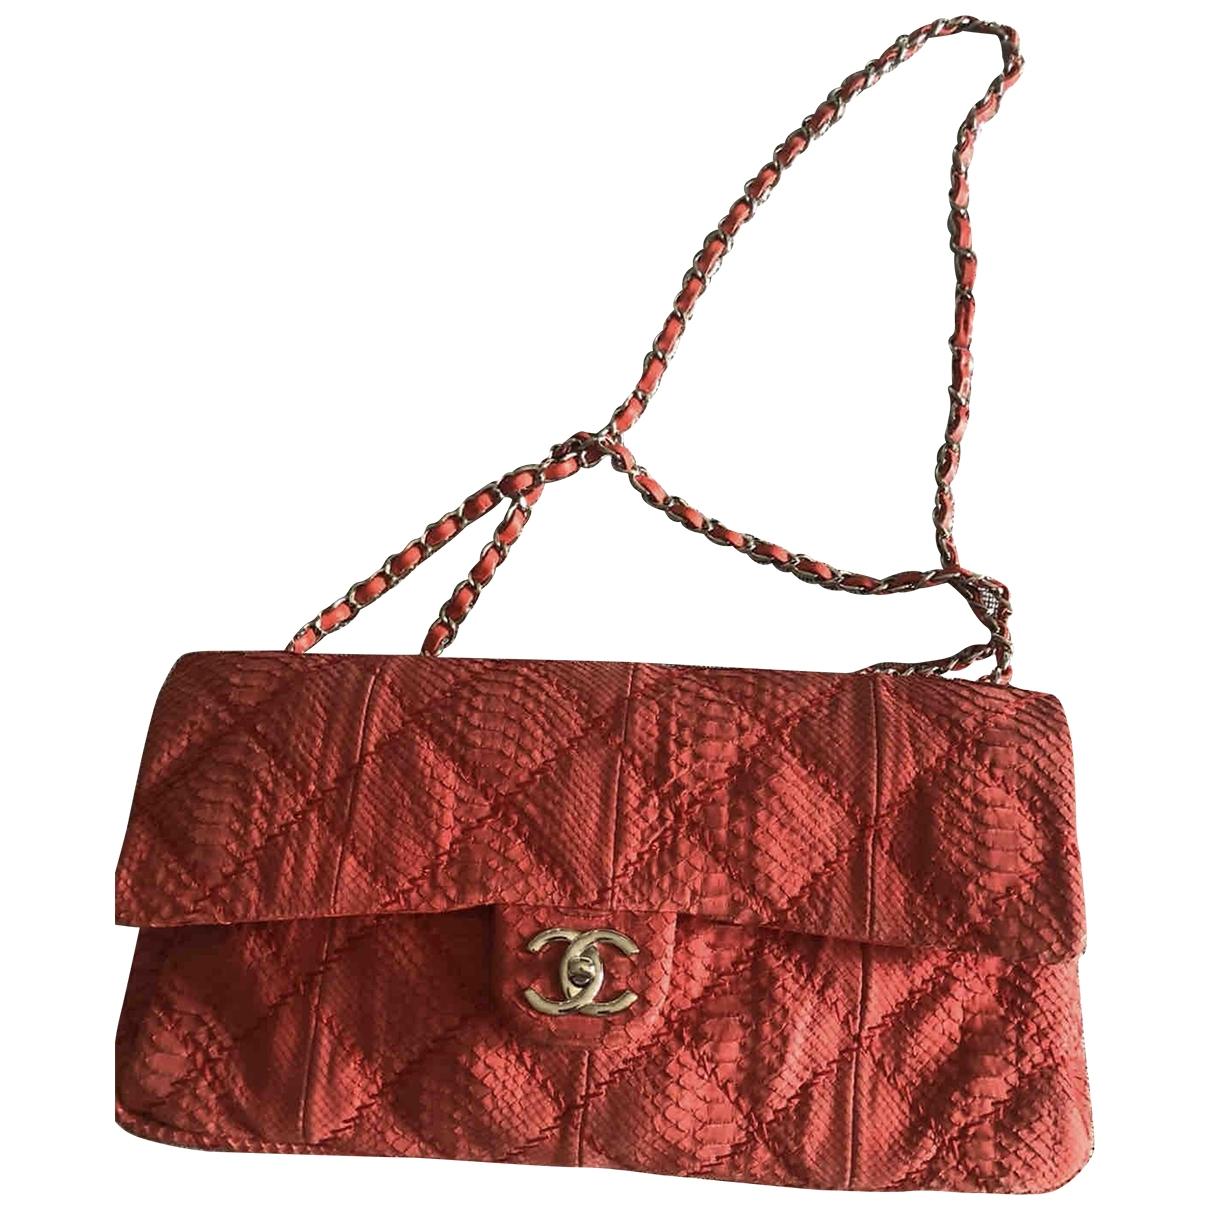 Chanel - Sac a main Timeless/Classique pour femme en python - rouge